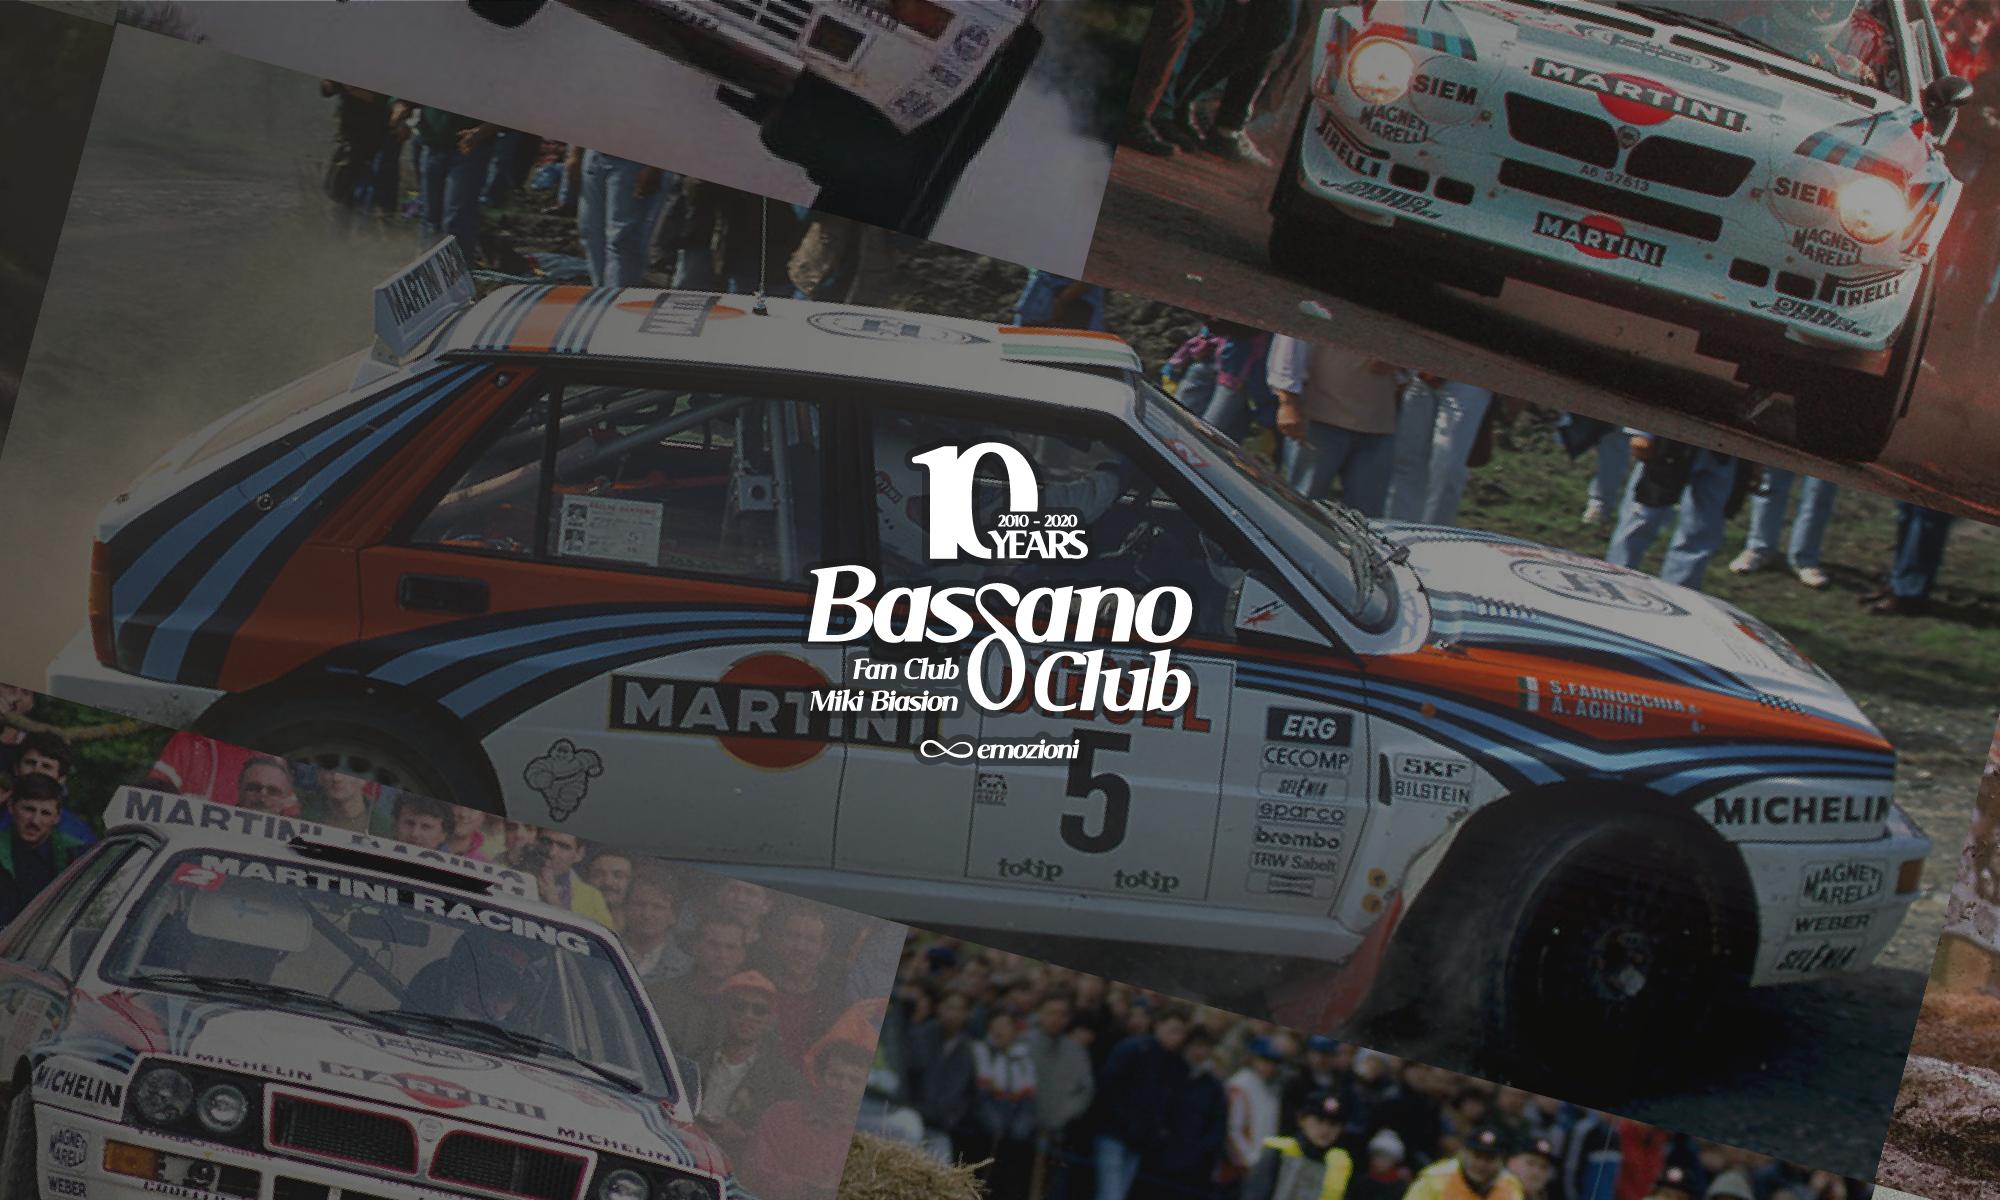 Bassano Delta Club